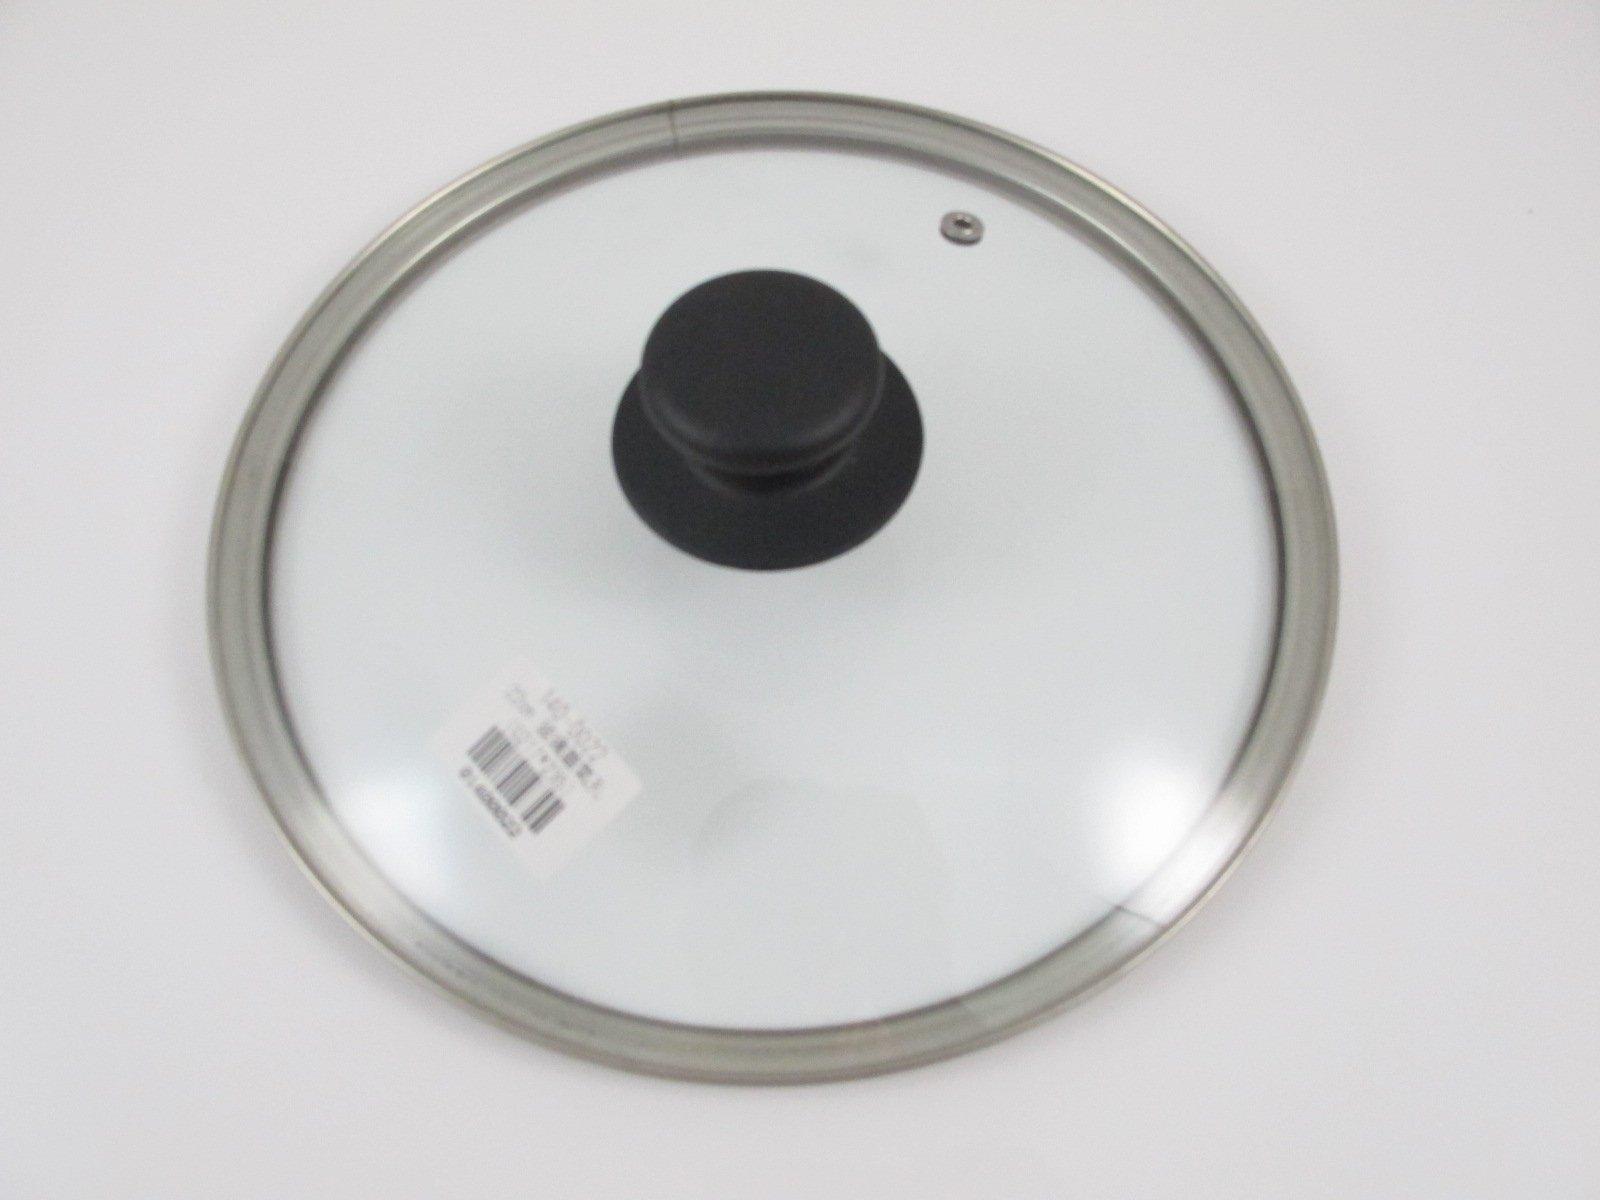 【御風小舖】 製 22cm氣孔強化玻璃鍋蓋  不銹鋼氣孔玻璃鍋蓋 玻璃蓋